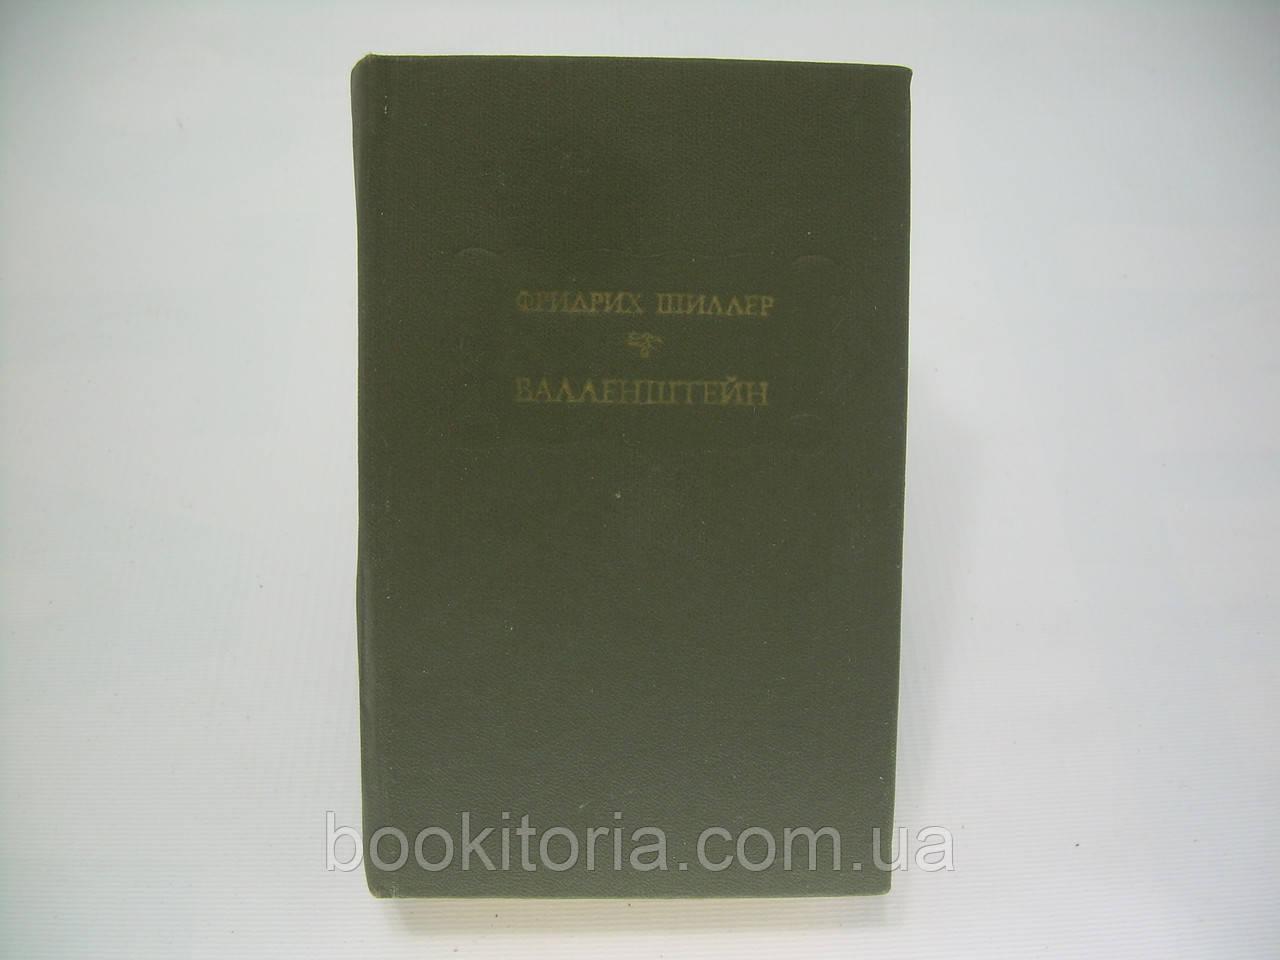 Шиллер Ф. Валленштейн. Драматическая поэма (б/у).